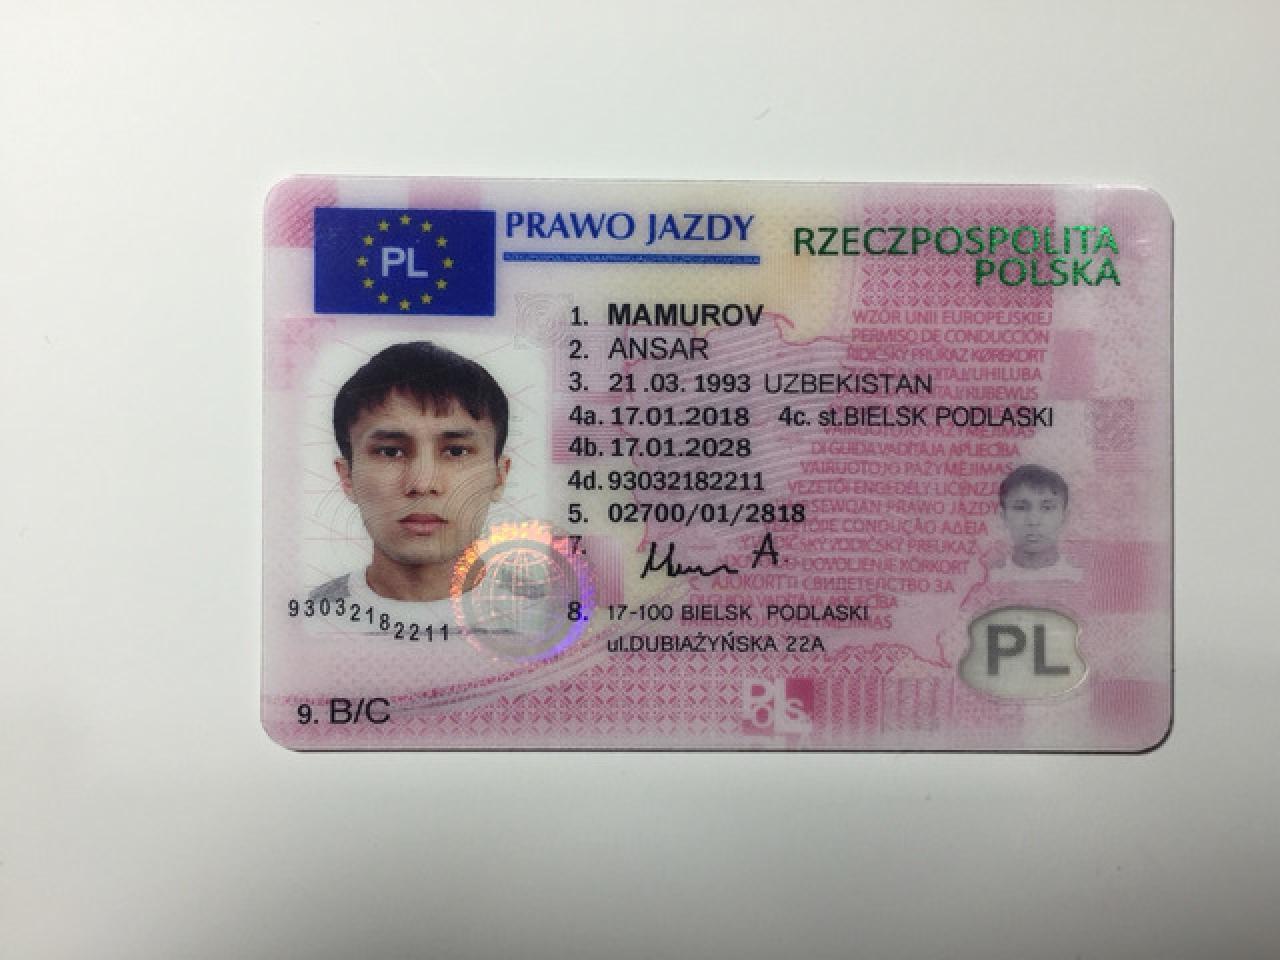 Изготовление европейских ID card - 3